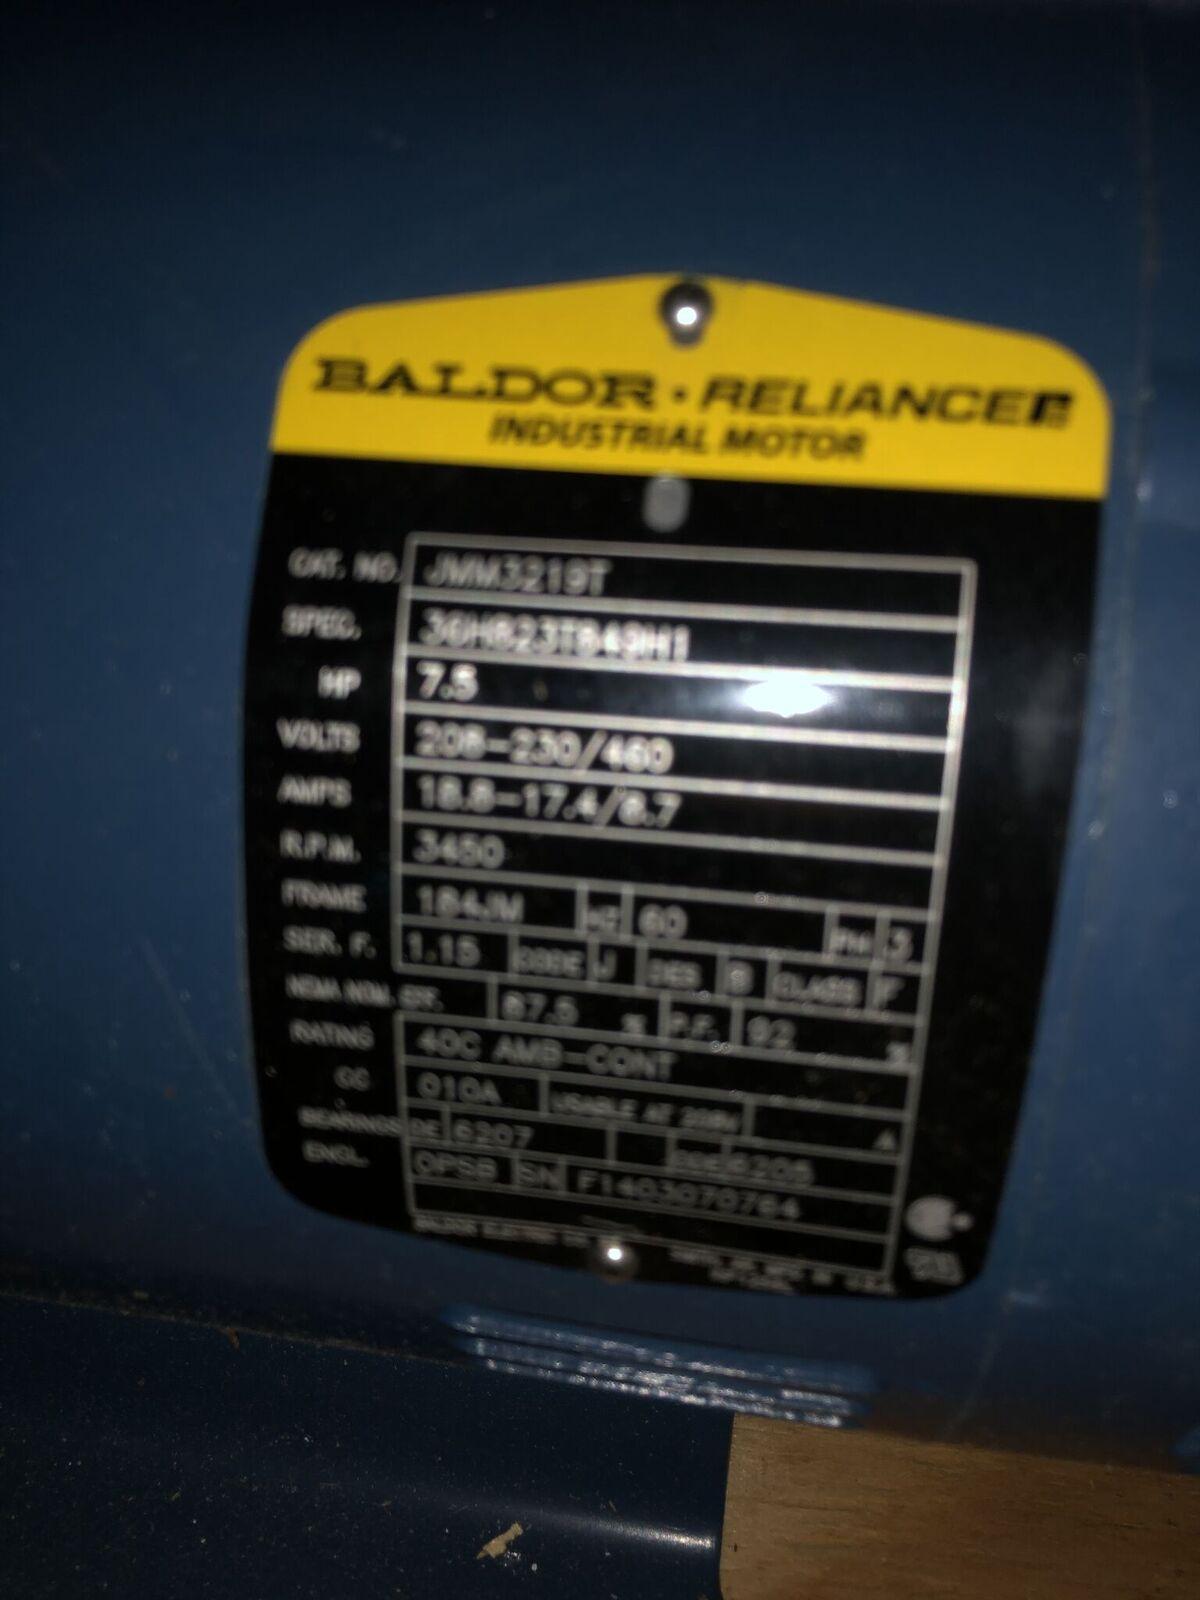 Baldor 7.5 HP Motor & Pump - Image 2 of 2